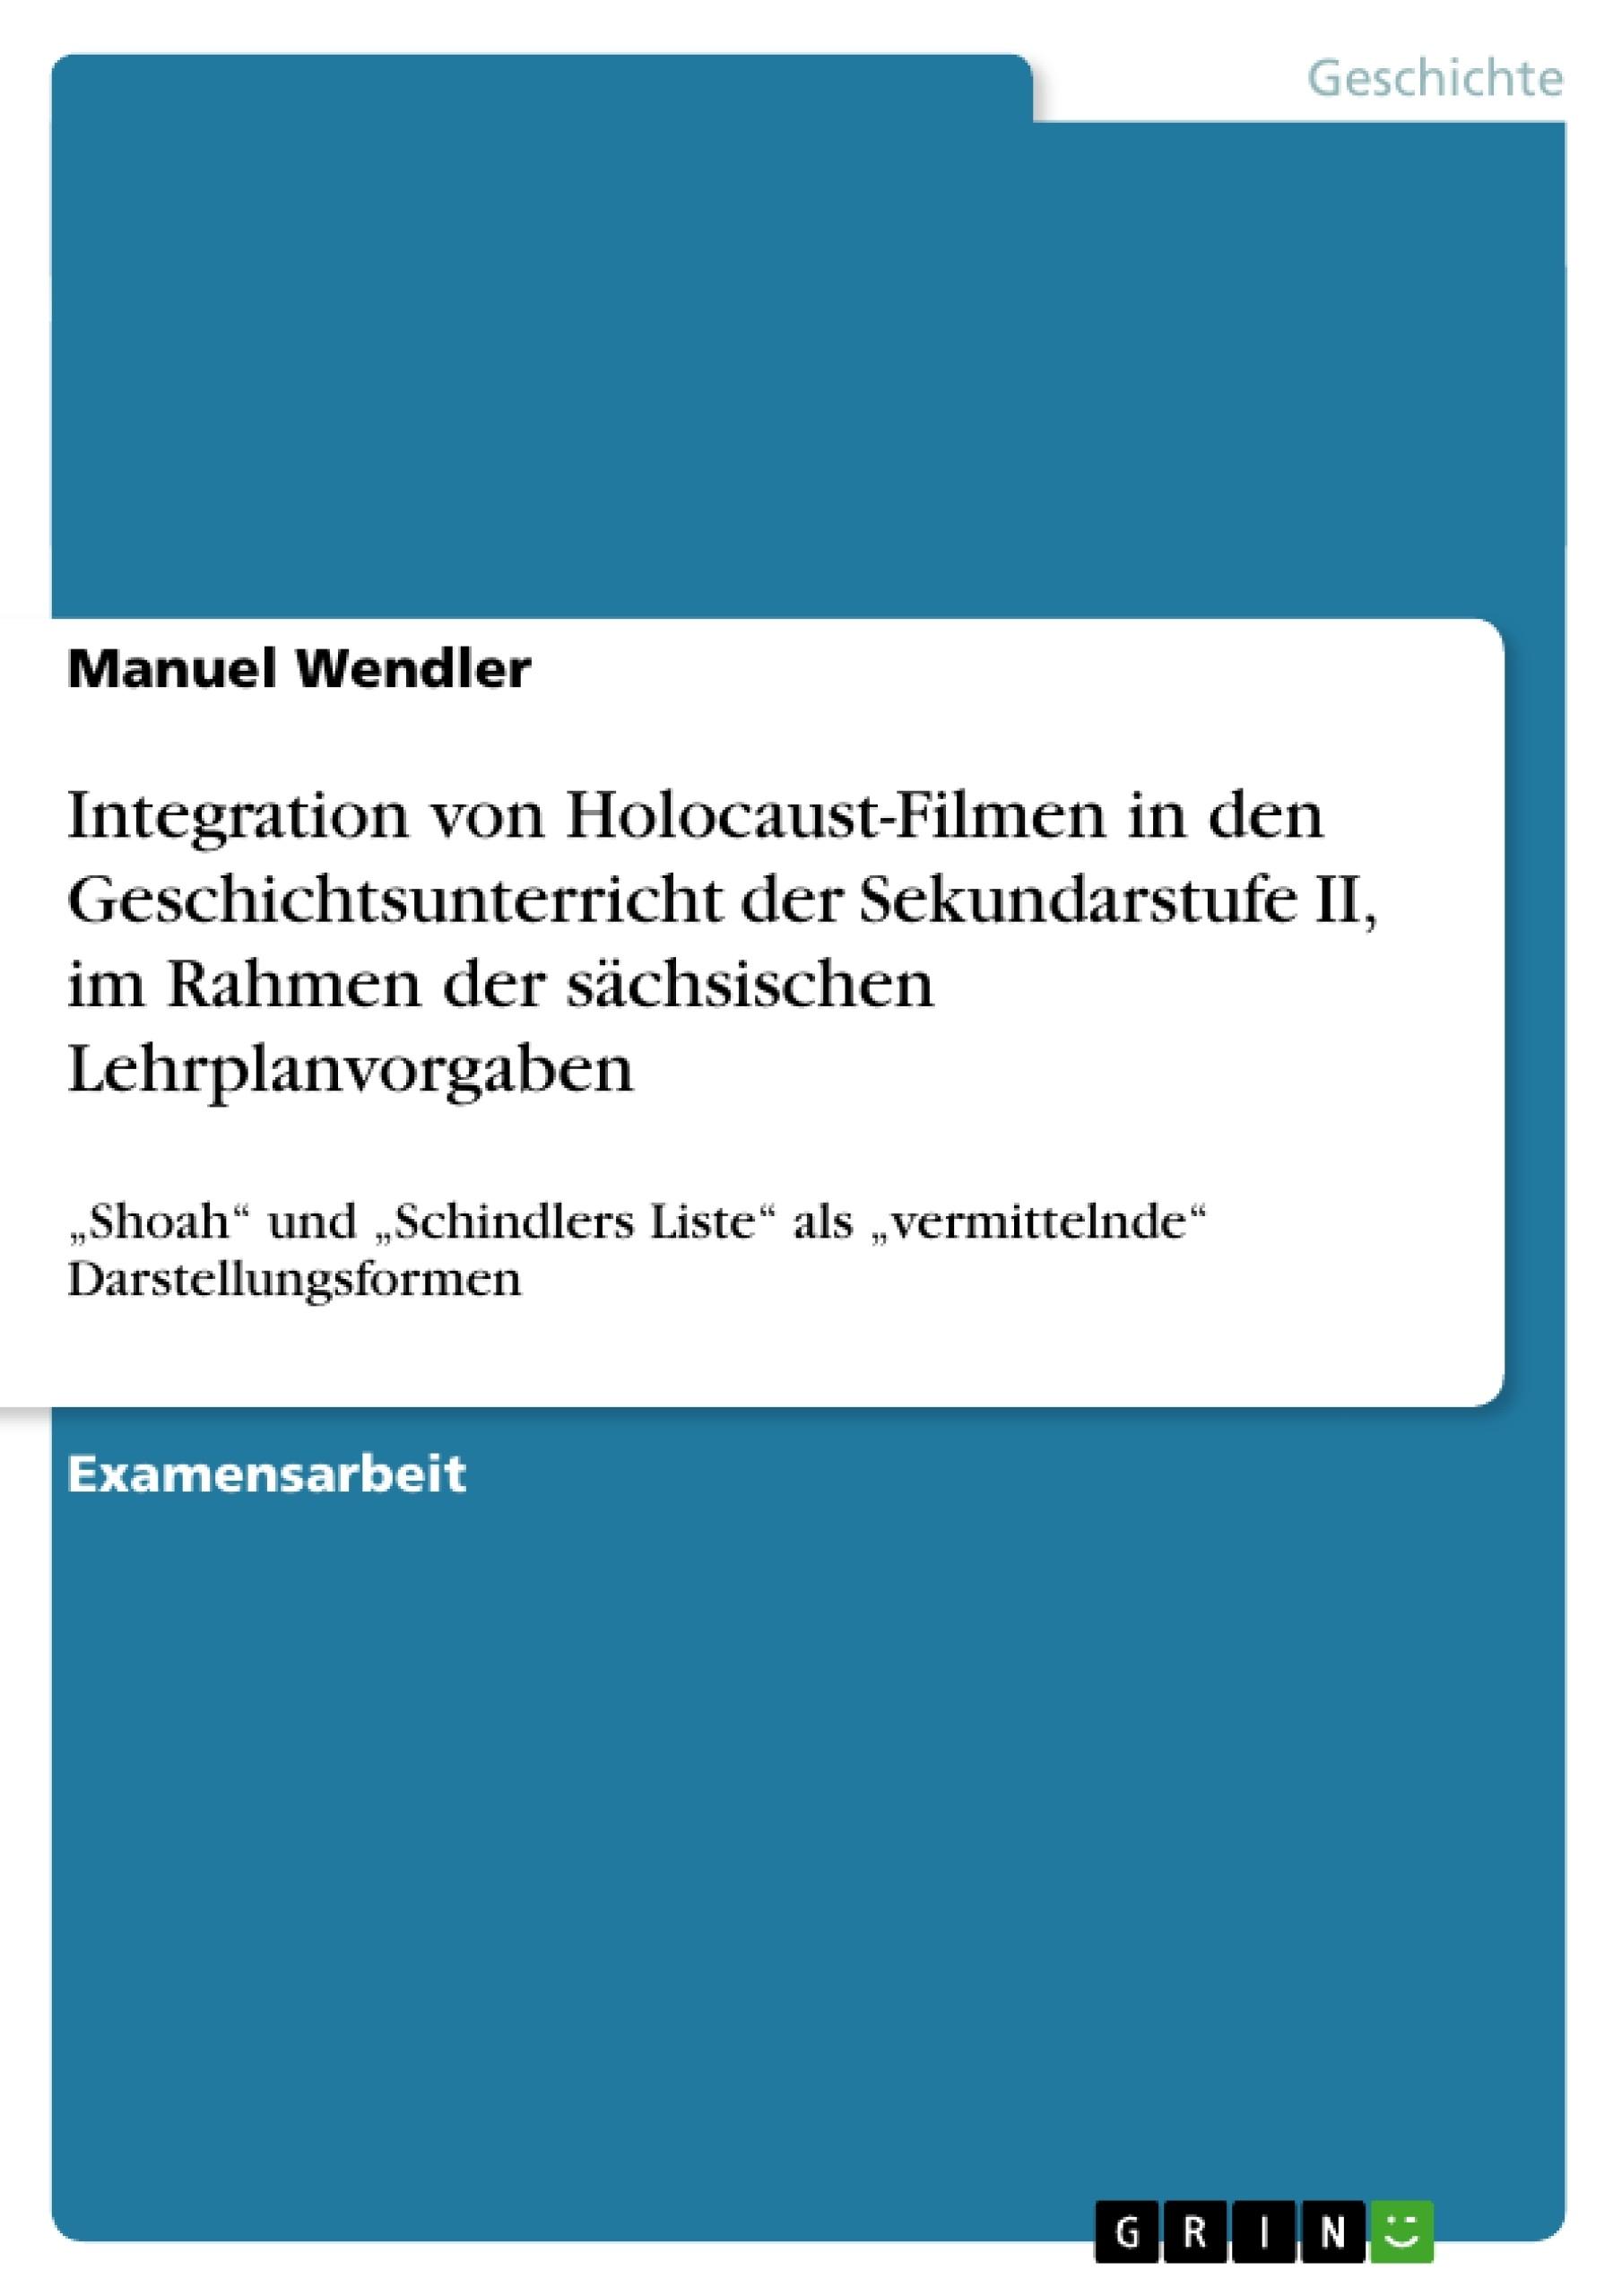 Titel: Integration von Holocaust-Filmen in den Geschichtsunterricht der Sekundarstufe II, im Rahmen der sächsischen Lehrplanvorgaben